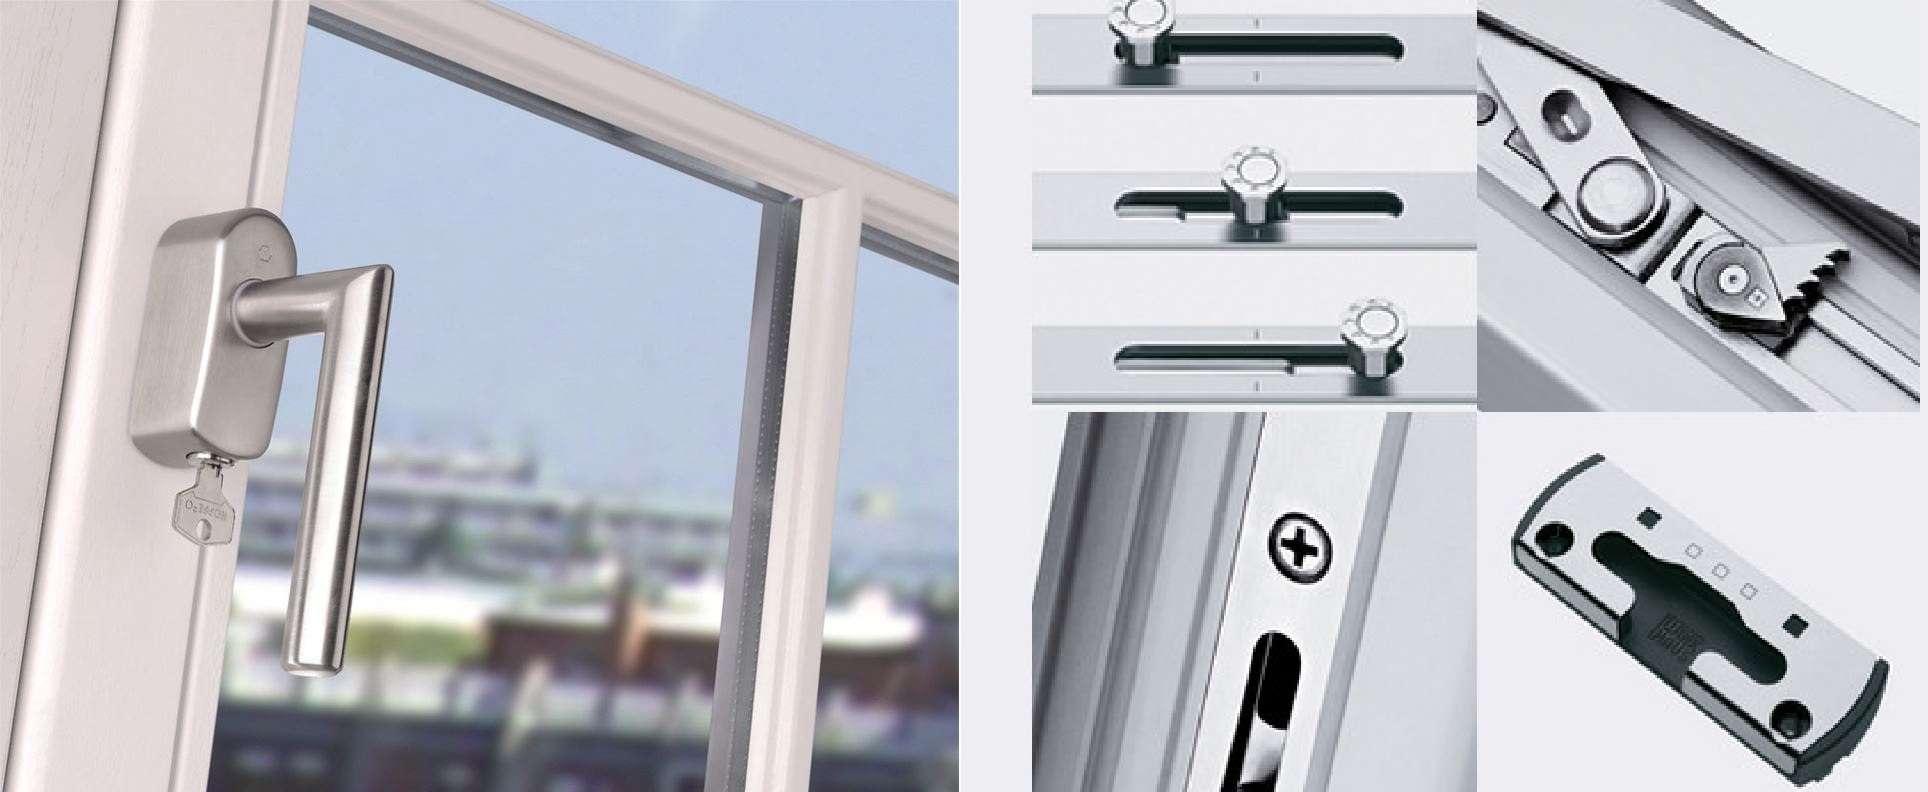 Tipos de cerraduras para ventanas - Repuestos El Sur